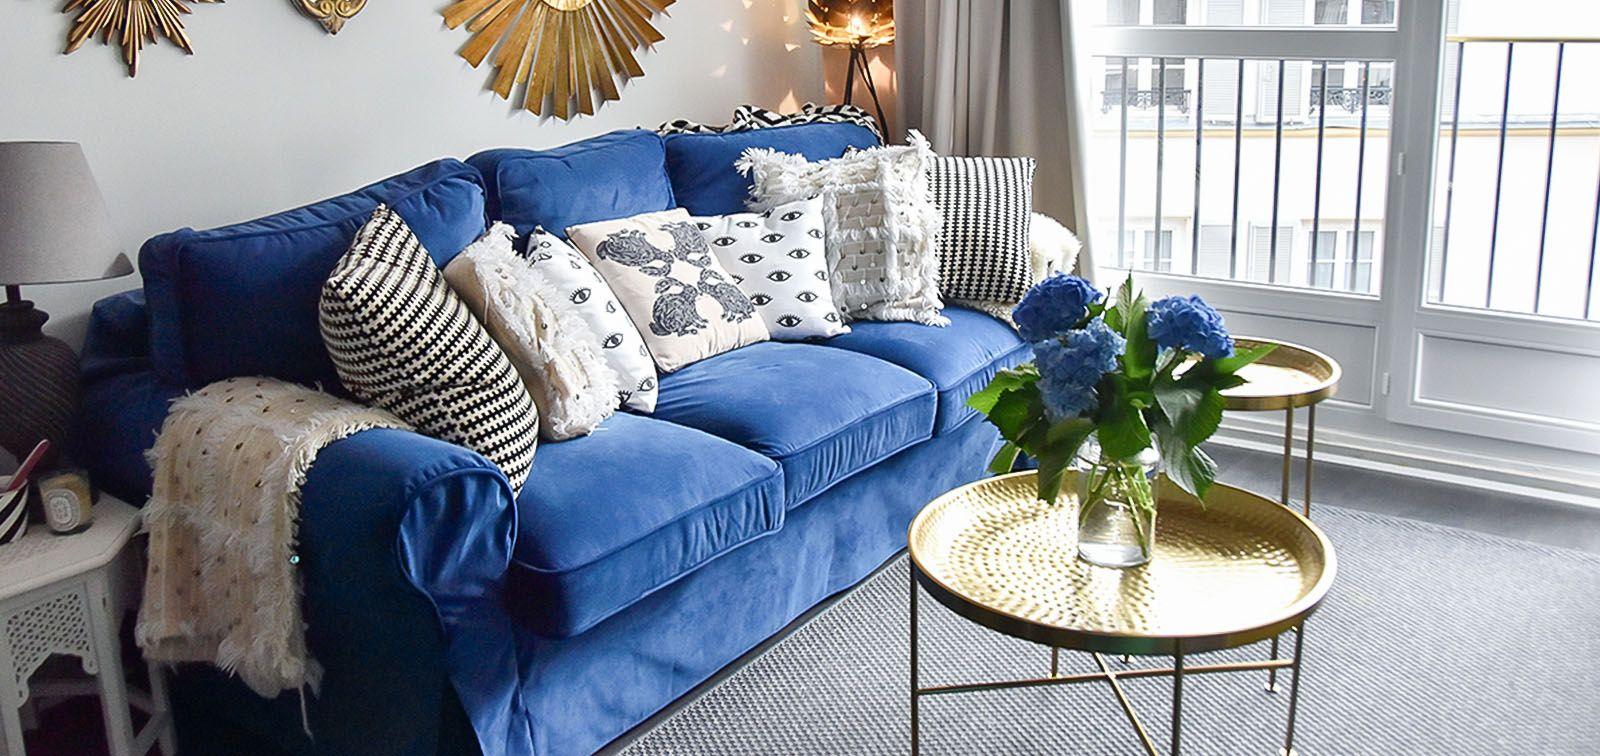 Ikea Ektorp 3 Seater Sofa In Rouge Indigo Velvet Sofa Slipc